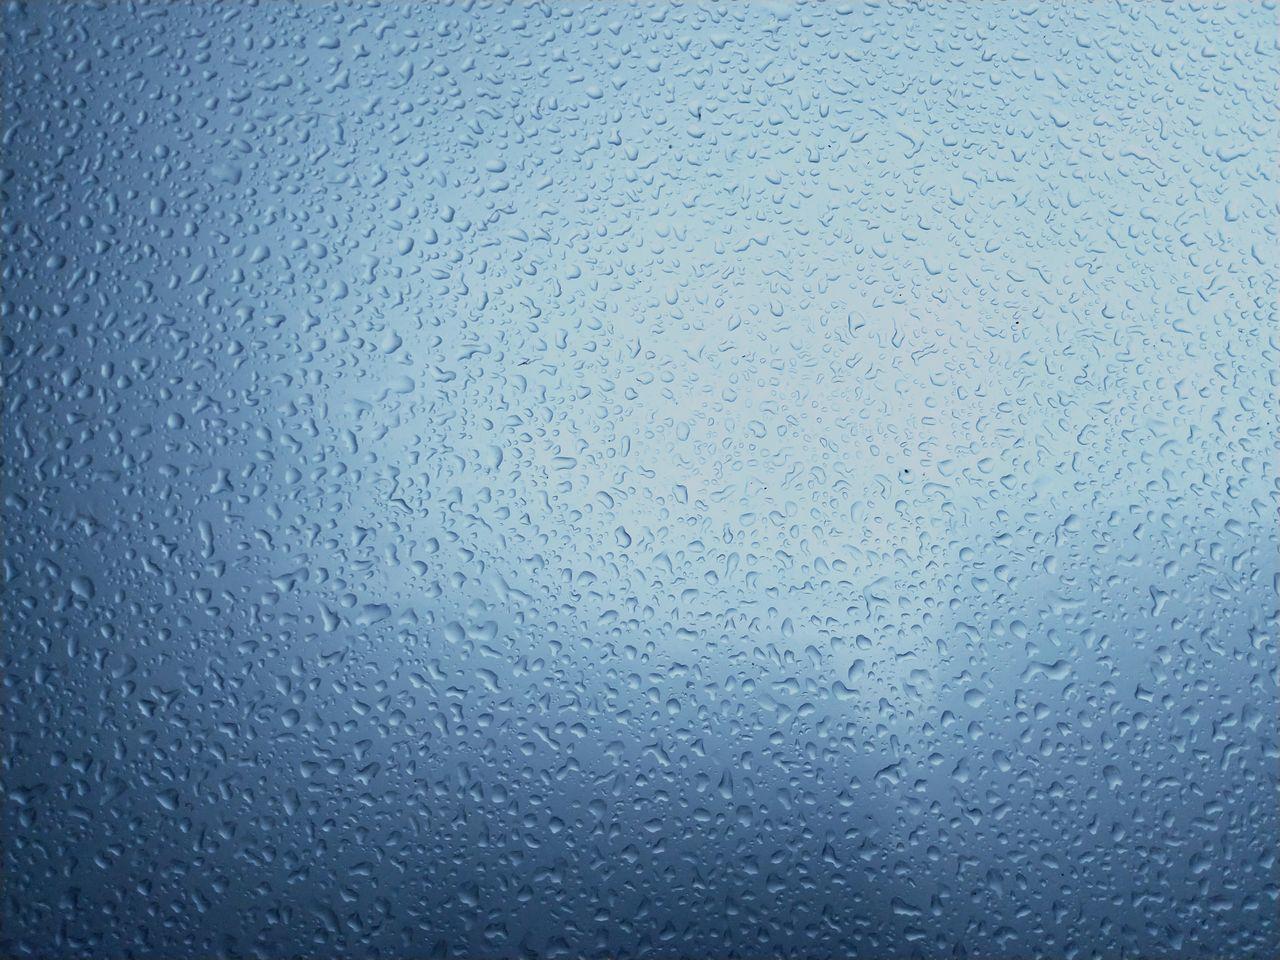 FULL FRAME SHOT OF RAINDROPS ON GLASS